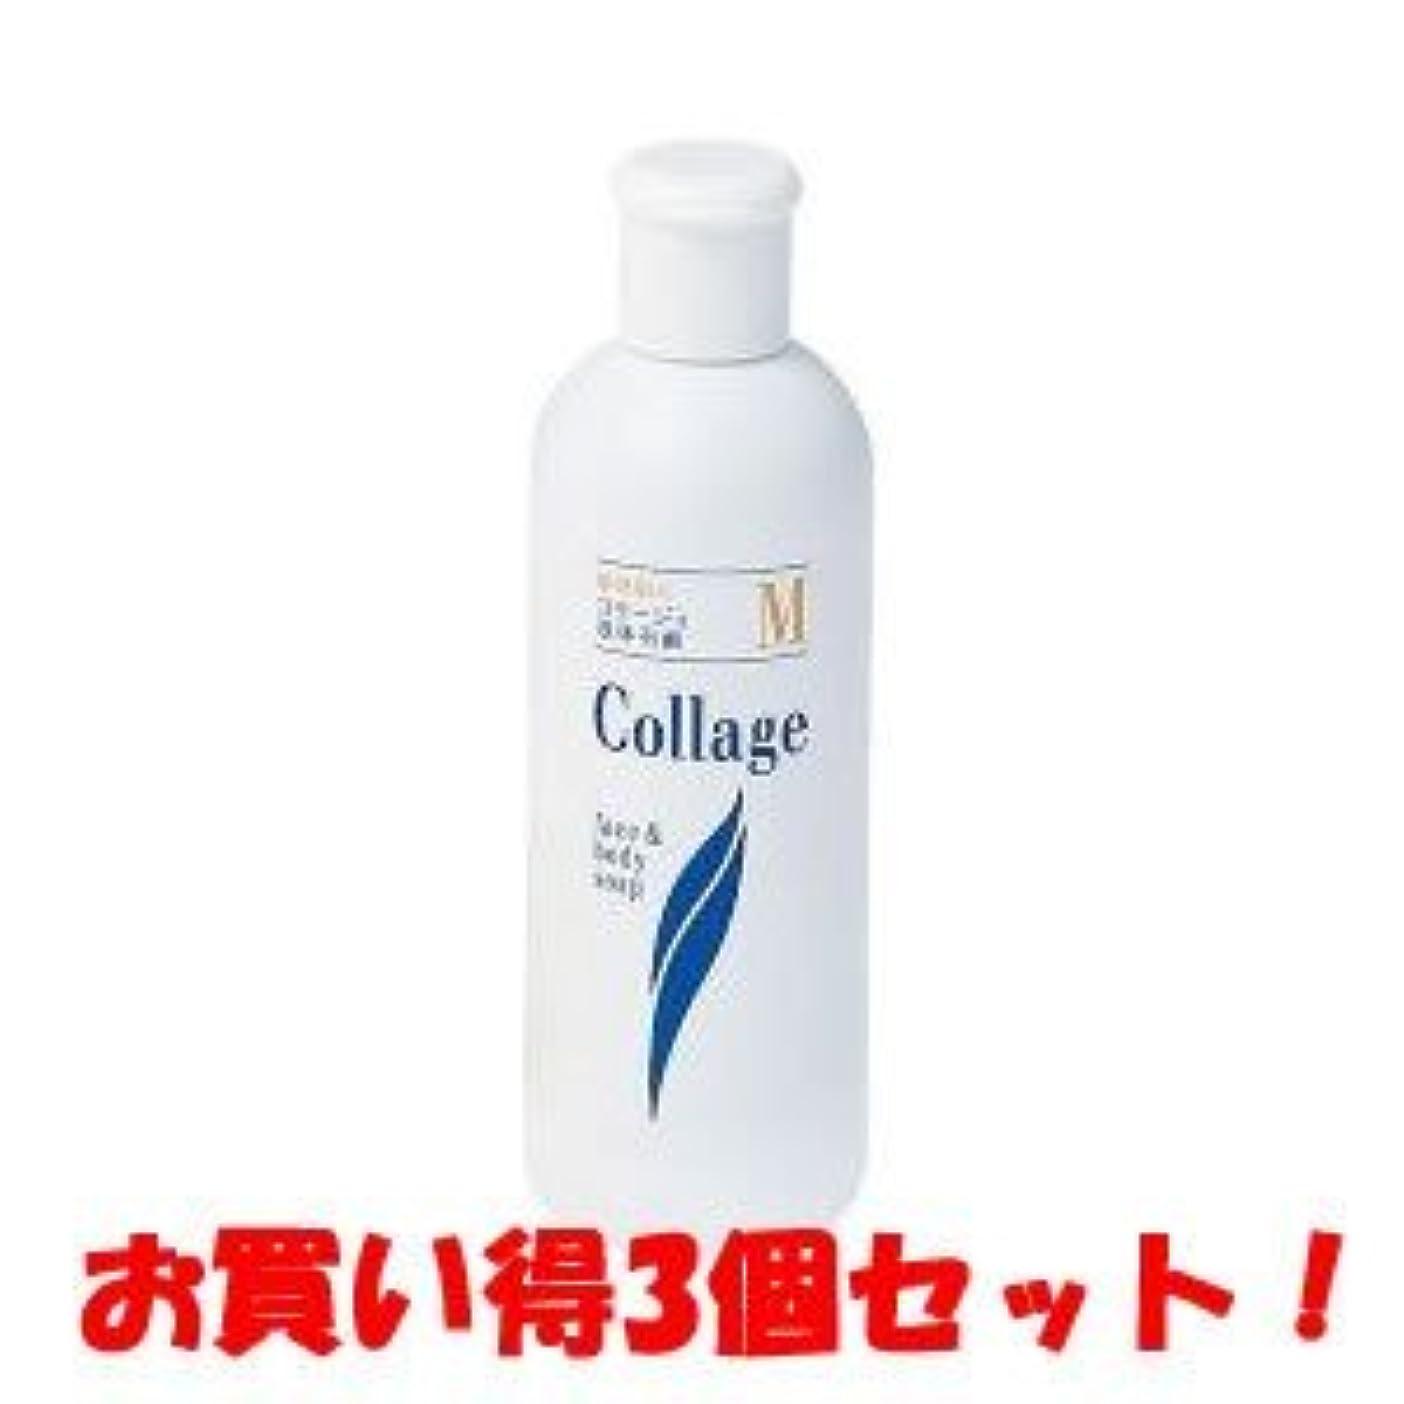 なんでも反対する顔料(持田ヘルスケア)コラージュM液体石鹸 200ml(お買い得3個セット)